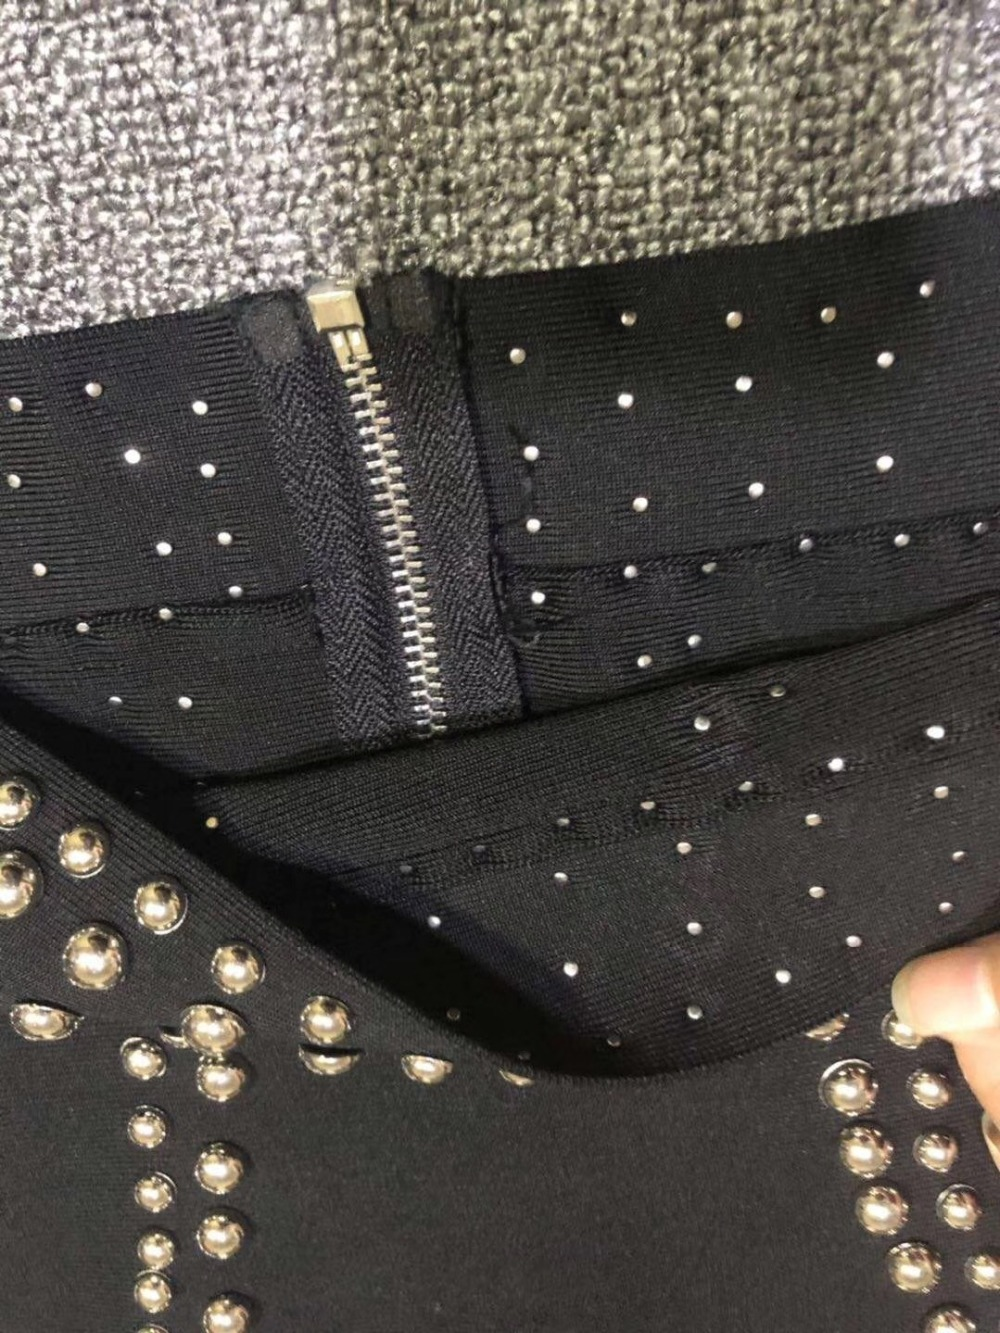 Noir 2 Automne Hiver Robes 2018 Bandage Deux Bonne Pièces Manches Zipper À Solide Longues Celebrity Robe Élégante De Nouveau Qualité Perles YqwFZ